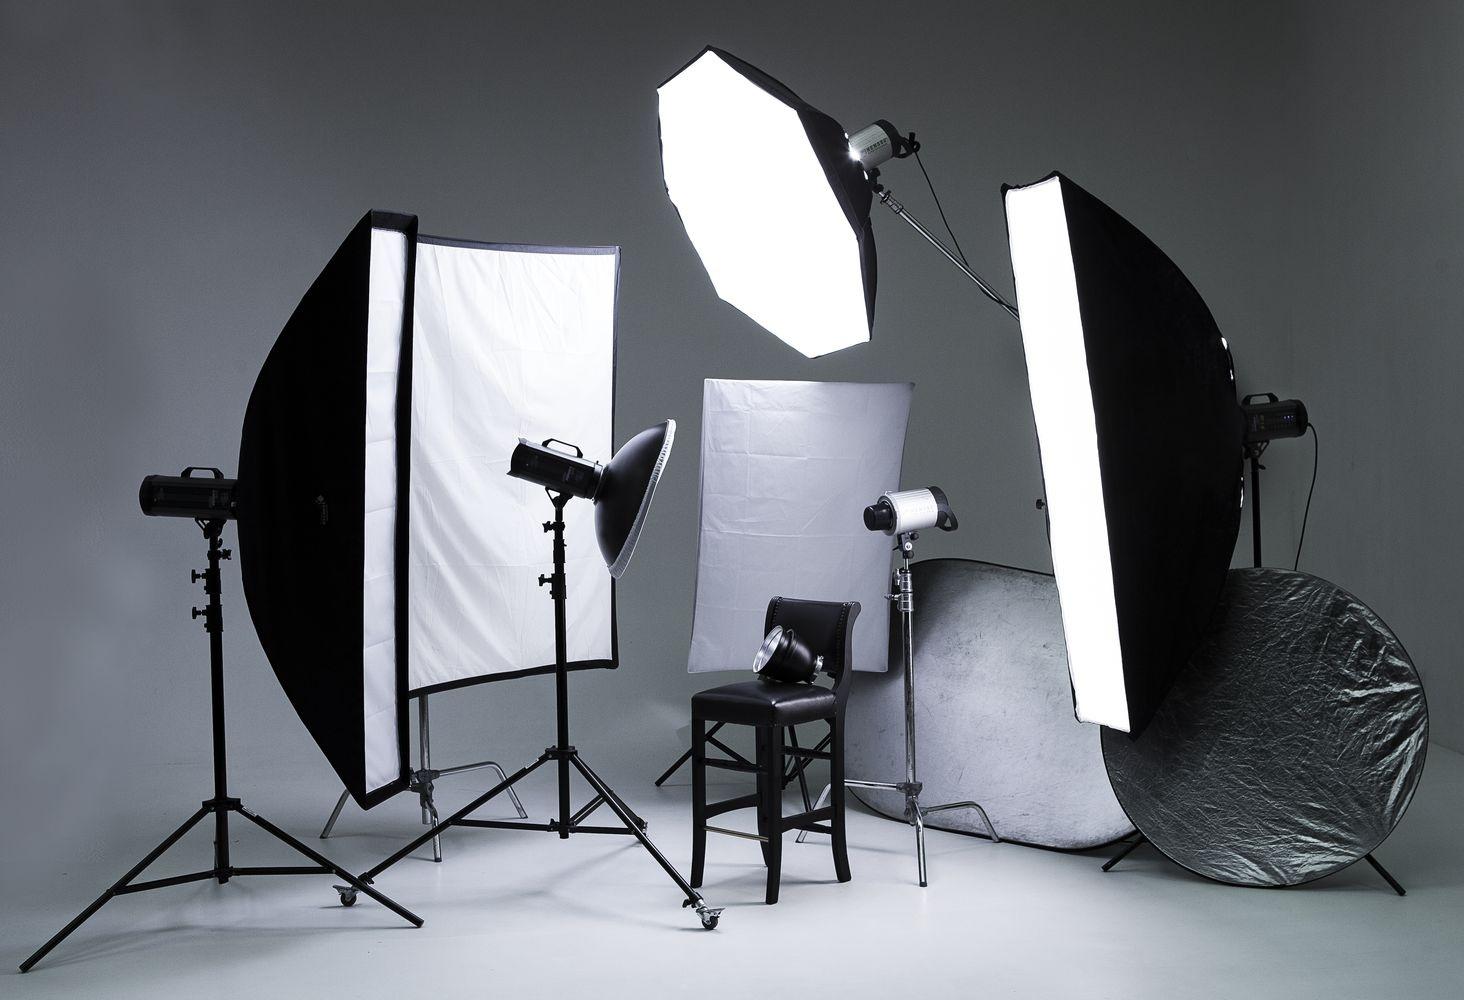 Оборудование для фотостудии простым и понятным языком (1 фото)